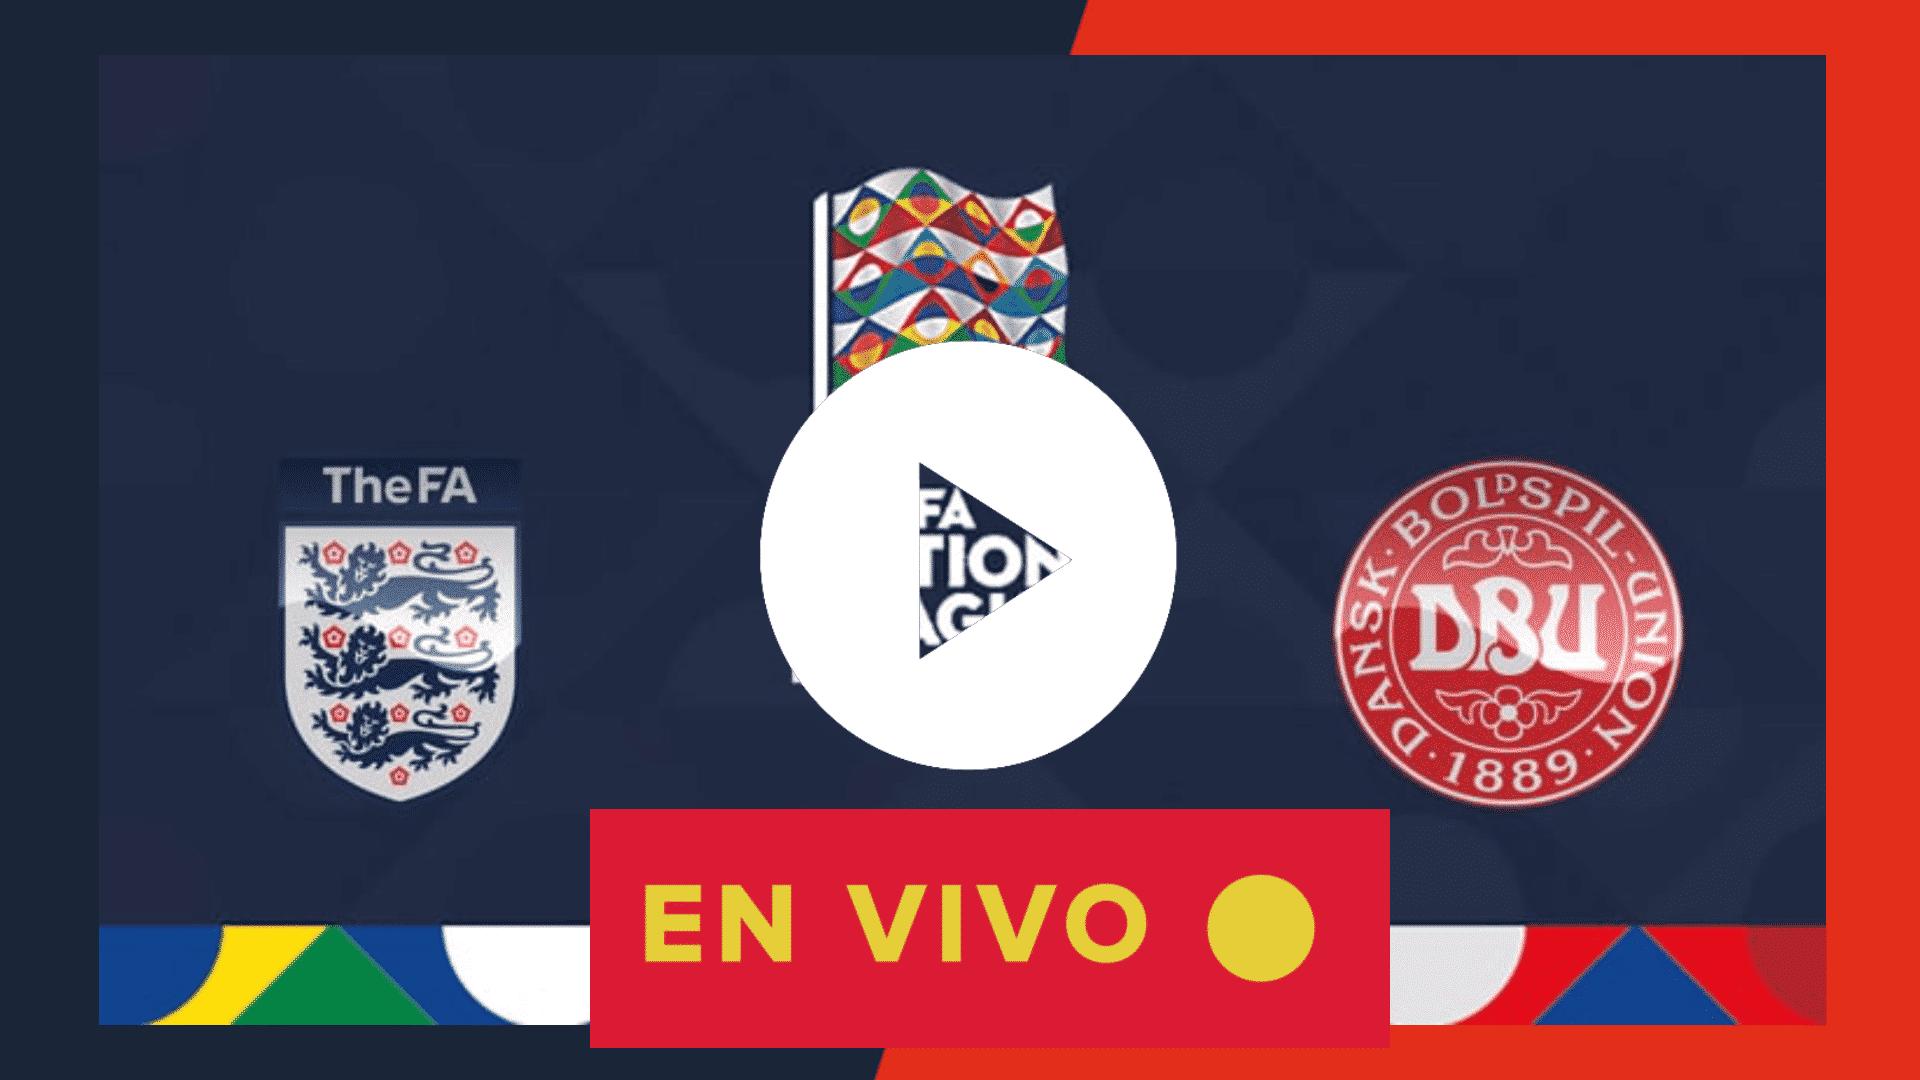 HOY EN VIVO GRATIS ONLINE Inglaterra vs Dinamarca MIRAR AQUI: Horario y dónde ver hoy en vivo por TV el partido de la Liga de Naciones de la UEFA 2020